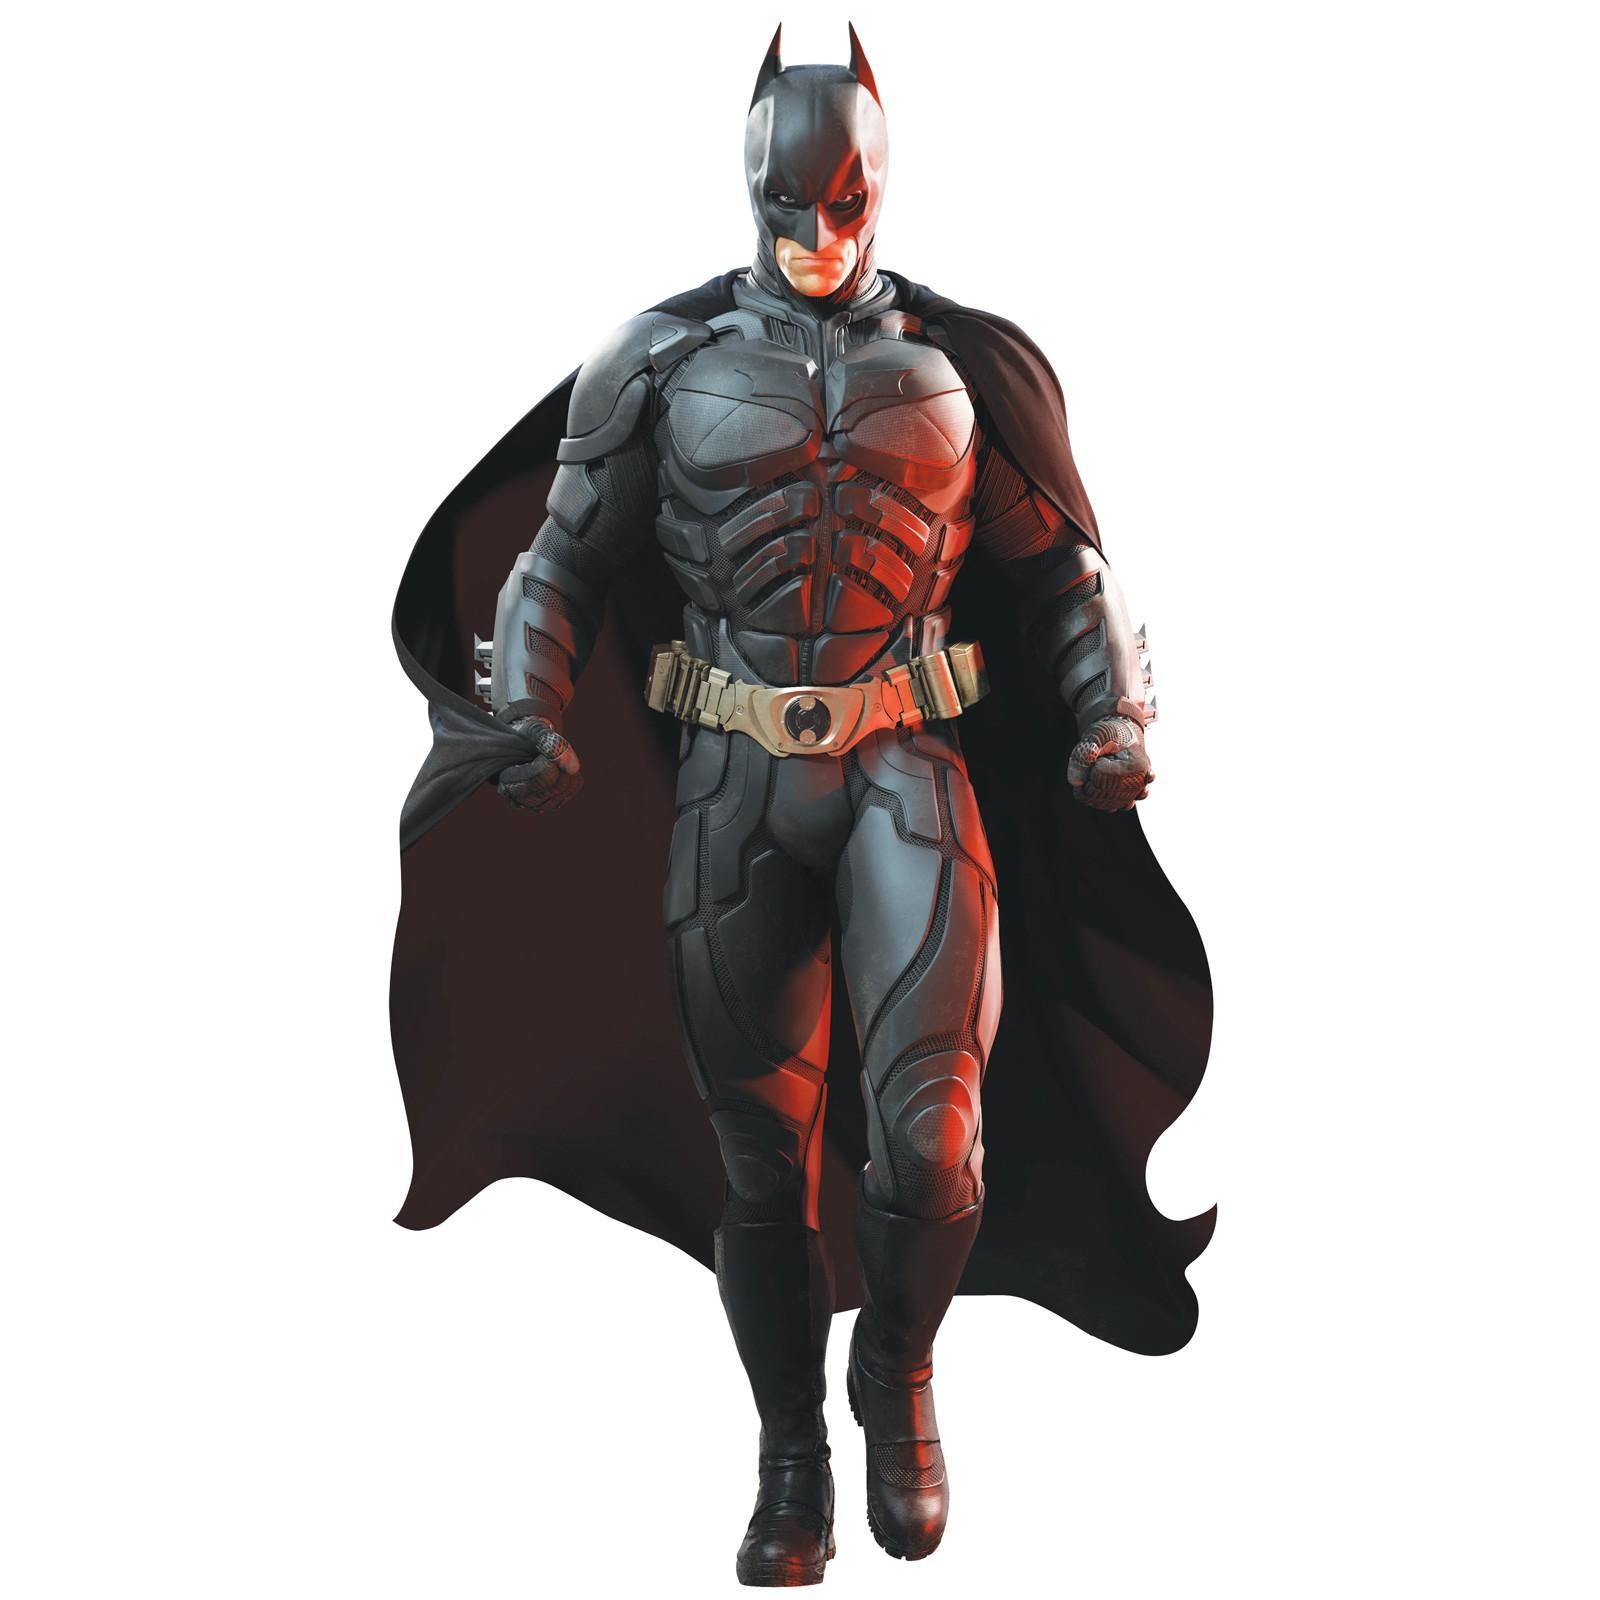 Batman Posters. - Oh My Fiesta! for Geeks